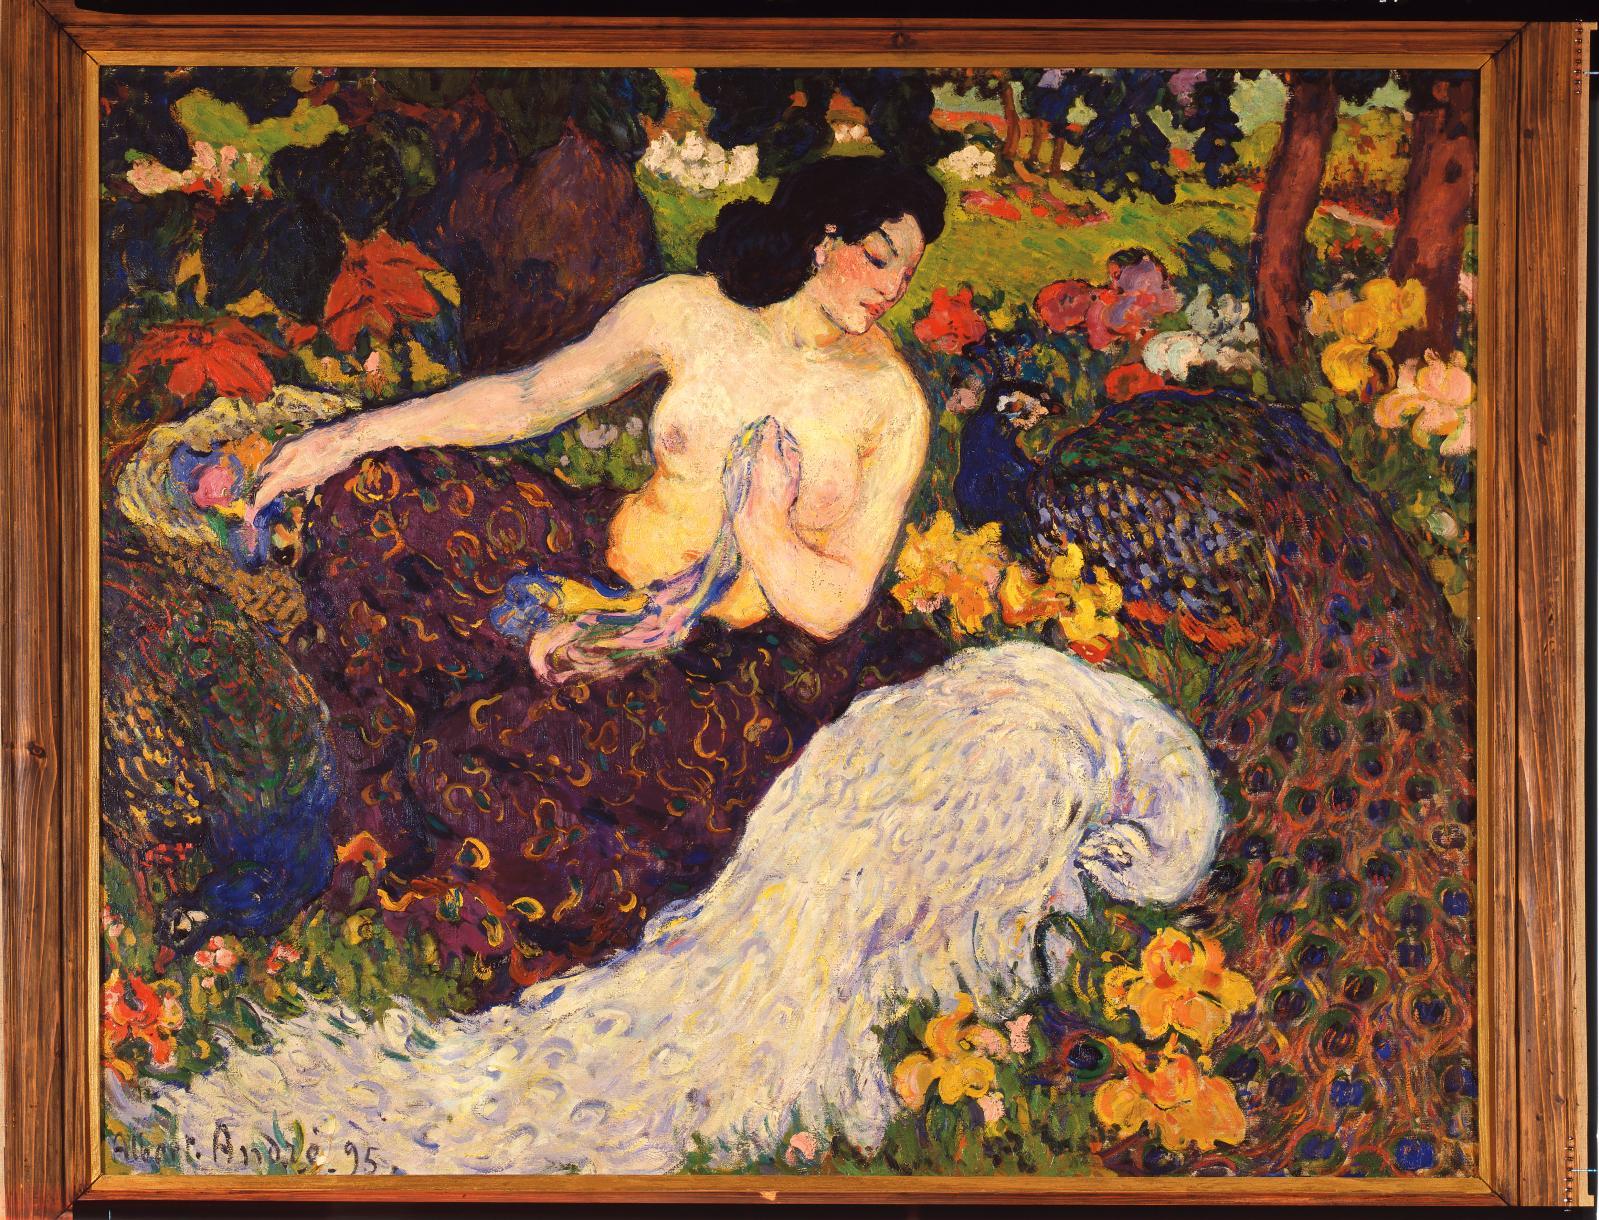 Albert André, Femme aux paons, 1895, huile sur toile (détail), collection particulière. Photo Archives Durand-Ruel. © Durand-Ruel & Cie